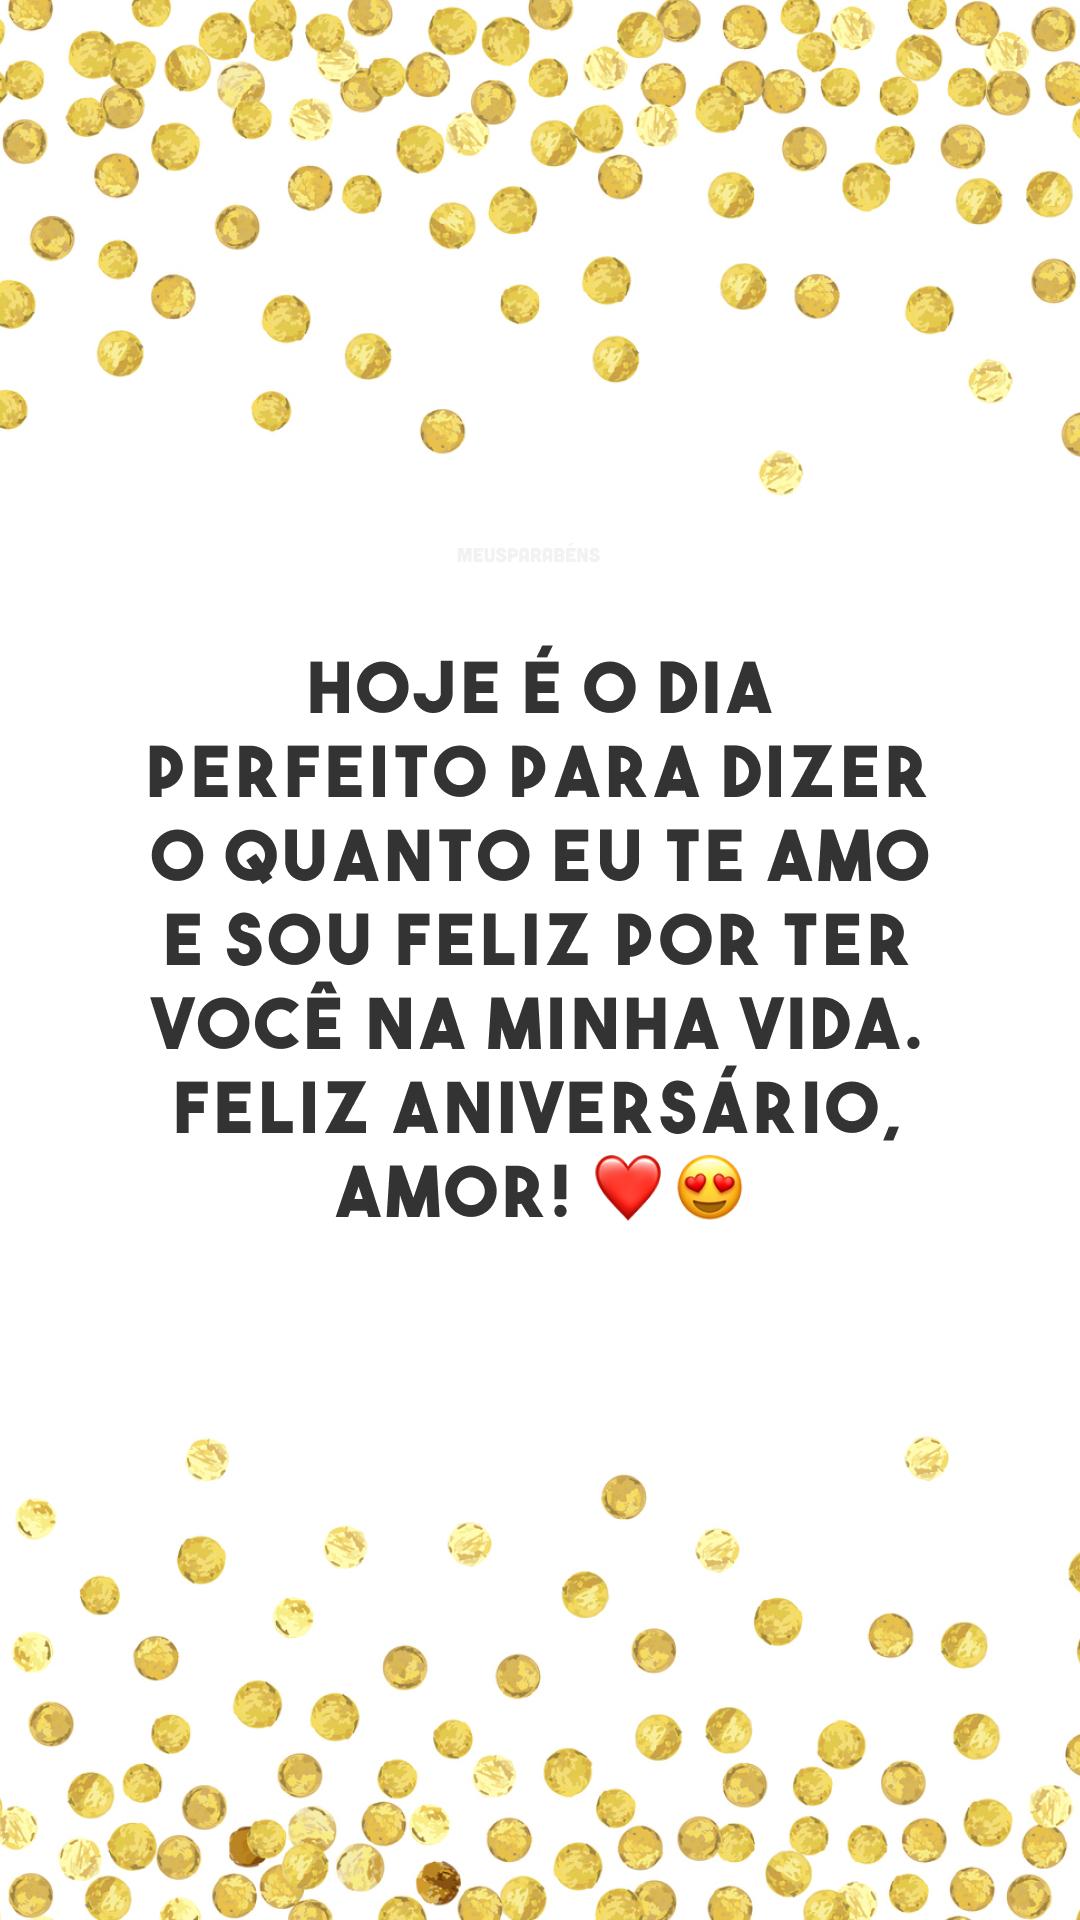 Hoje é o dia perfeito para dizer o quanto eu te amo e sou feliz por ter você na minha vida. Feliz aniversário, amor! ❤️😍